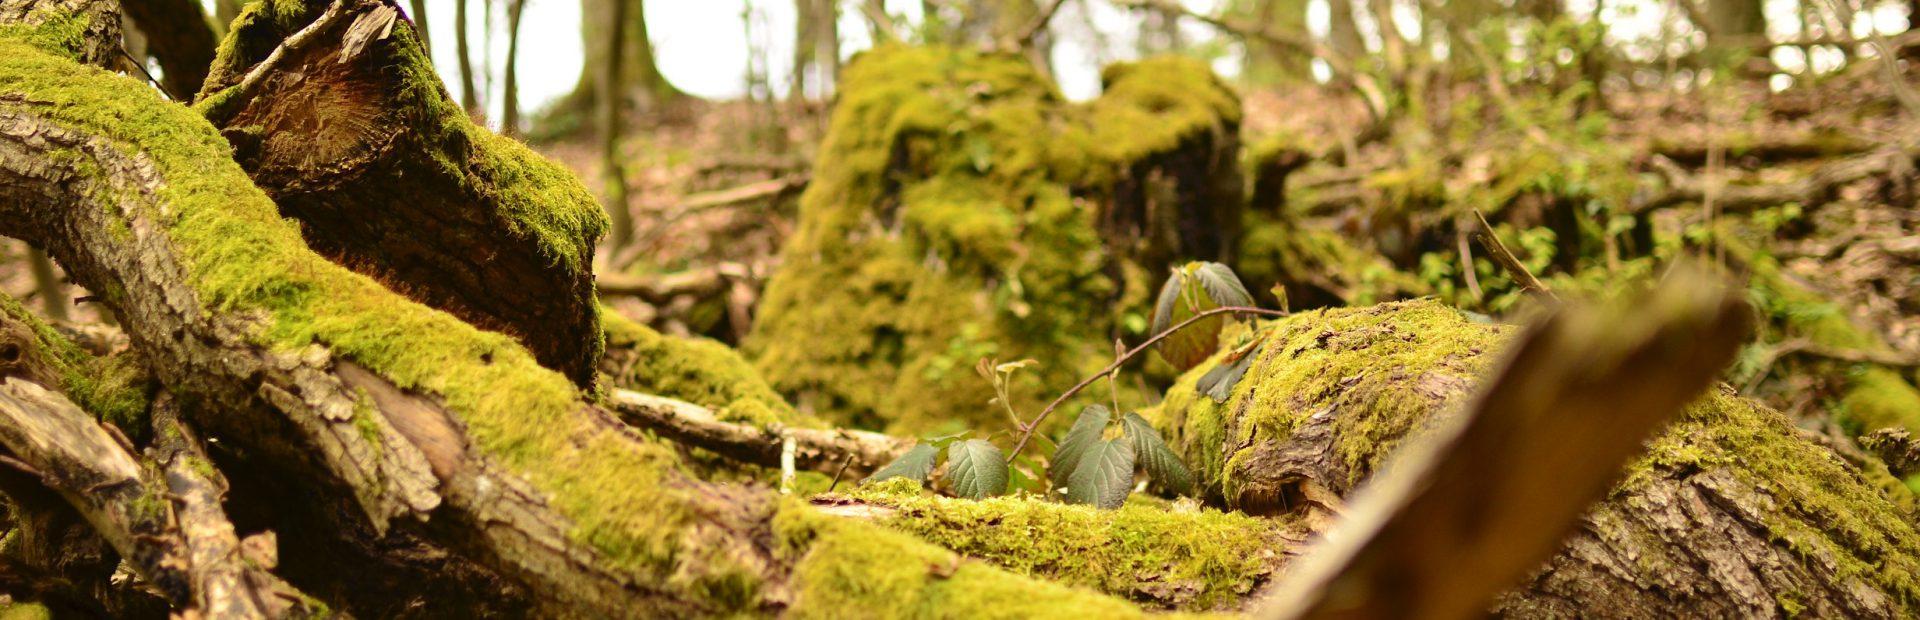 Landesvertretung IG BAU Forst und Naturschutz